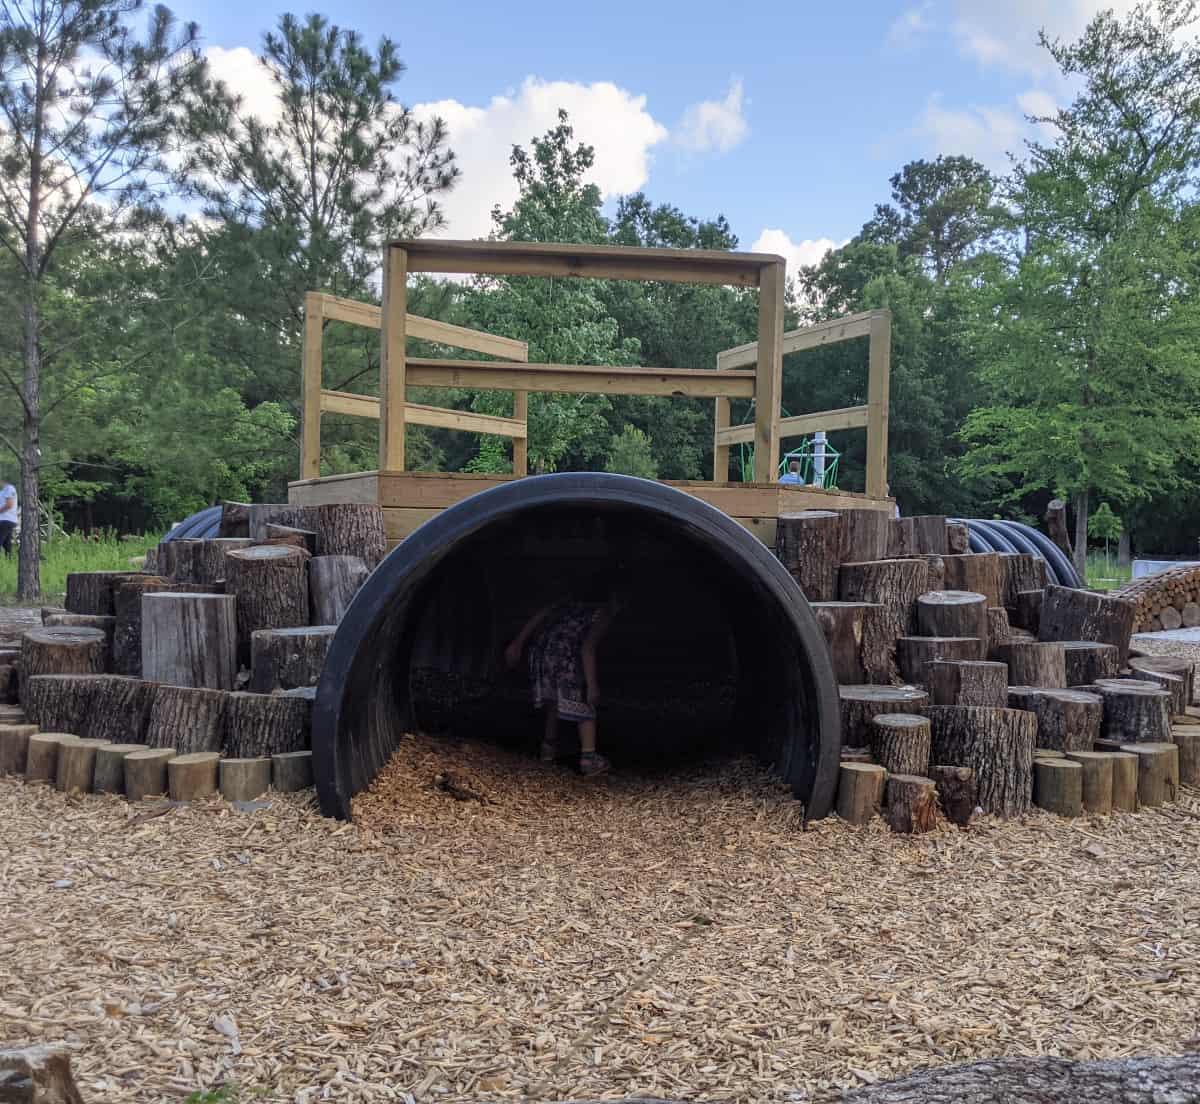 Houston Arboretum Nature Play Area Tunnel